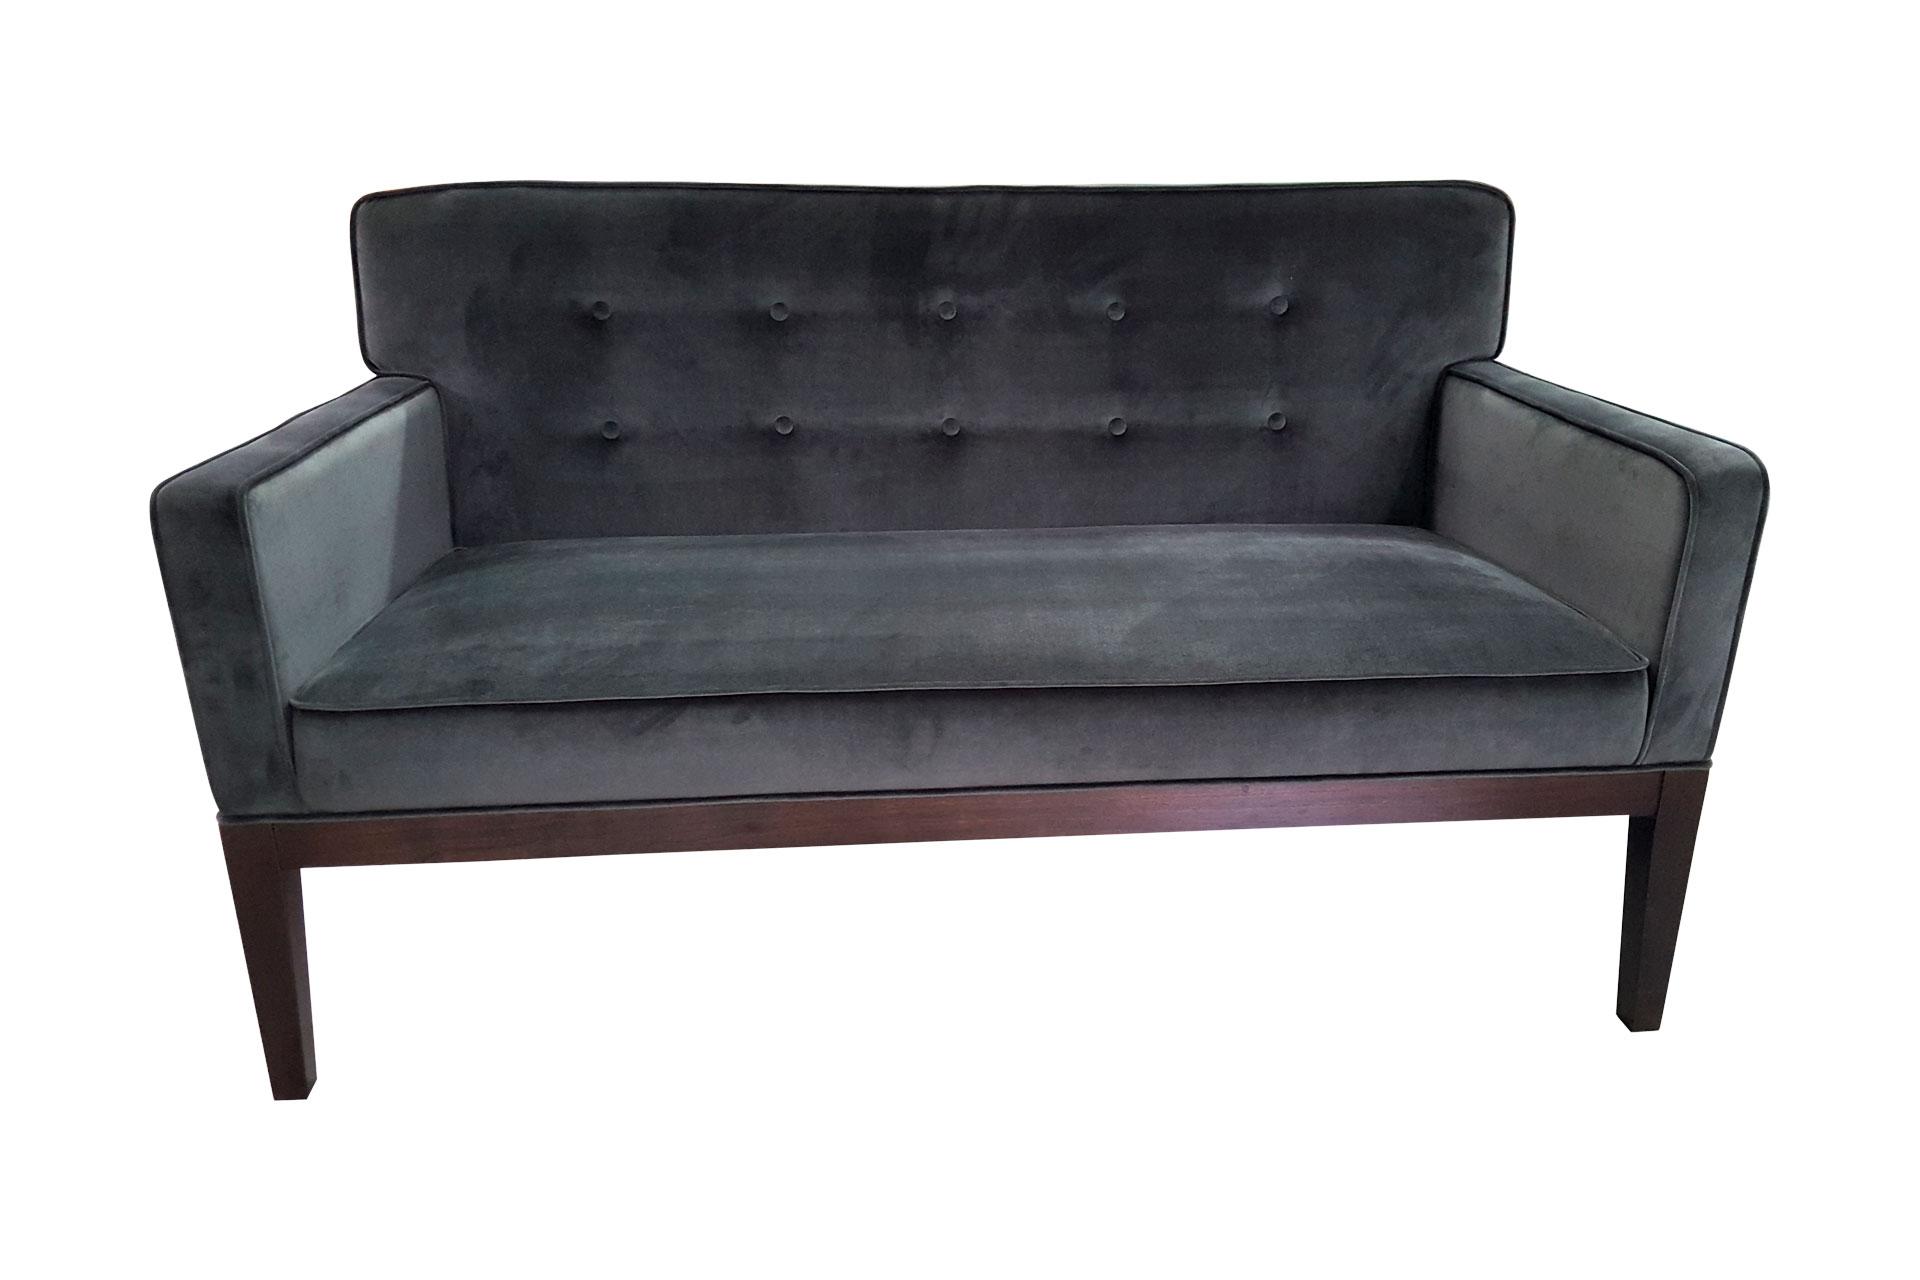 Sof s variados h j mobili rio e carpintaria for By h mobiliario